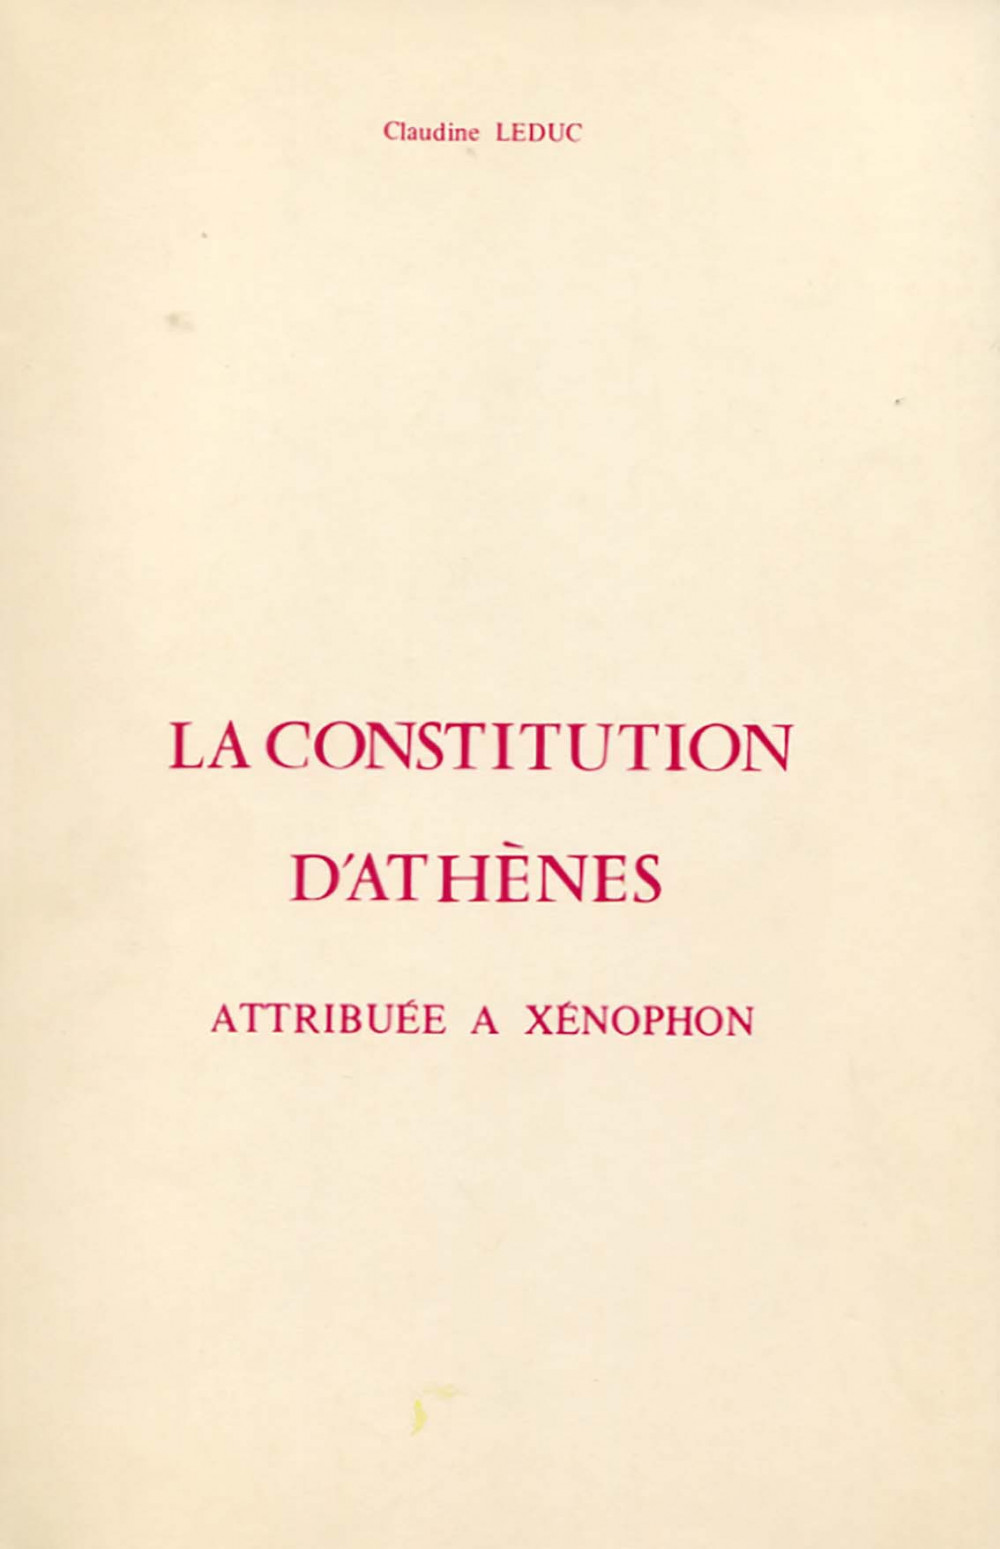 La constitution d'Athènes attribuée à Xénophon